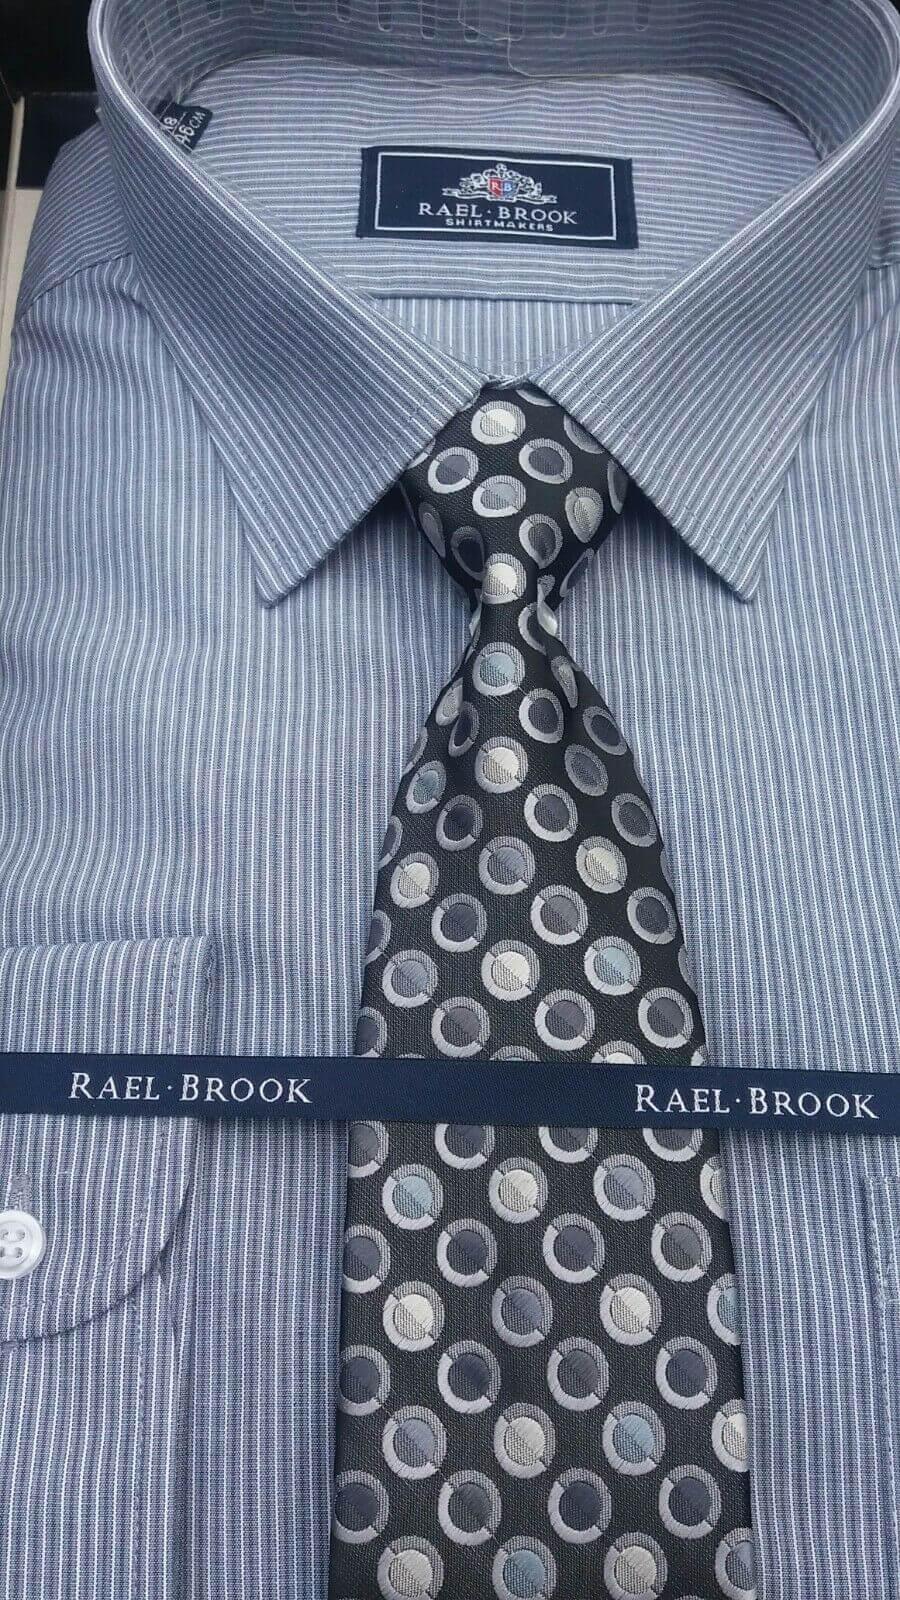 Rael Brook Lucky Dip 2 Shirts